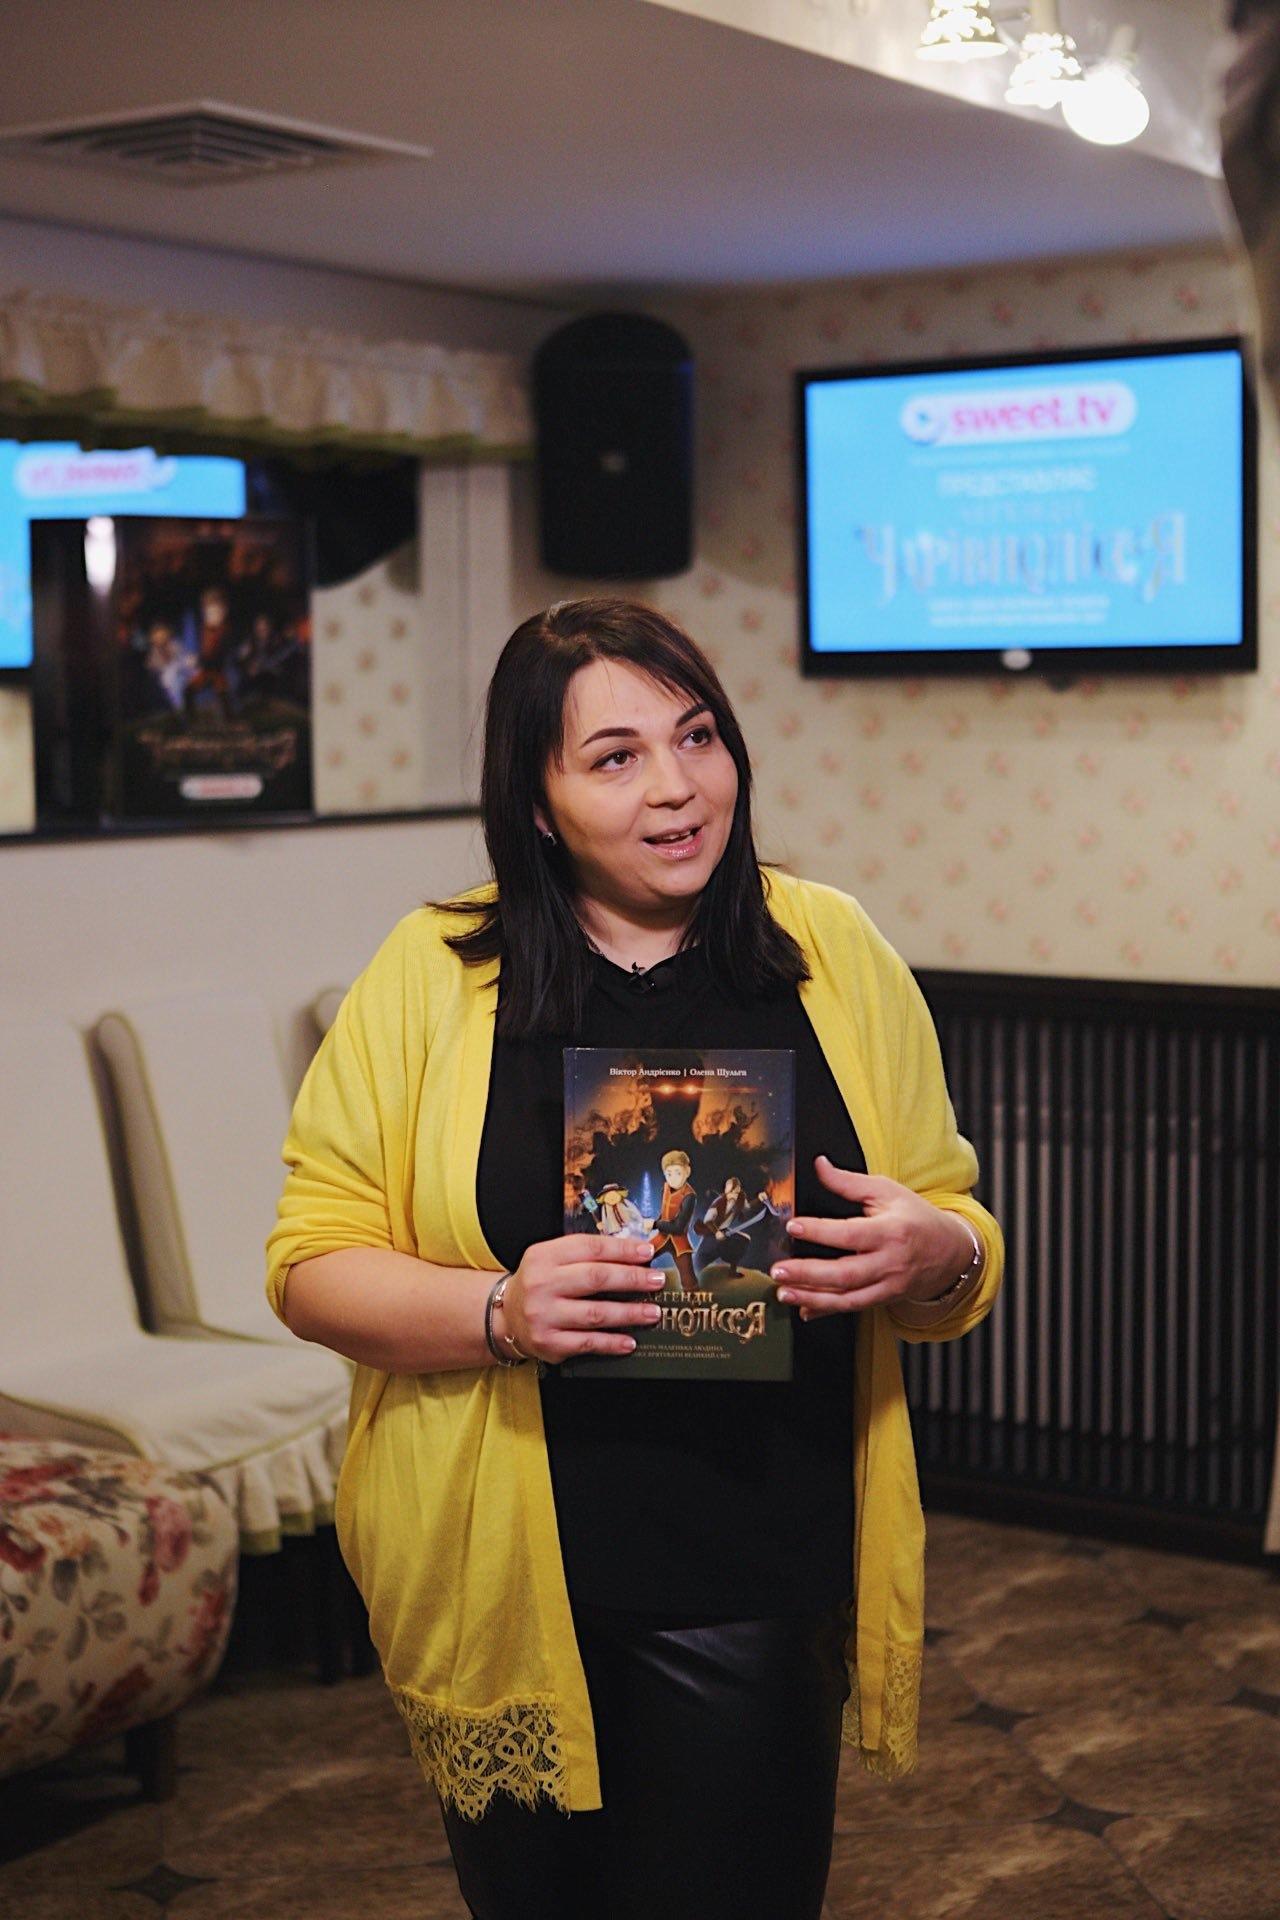 Марина Русак, директор с маркетингу SWEET.TV